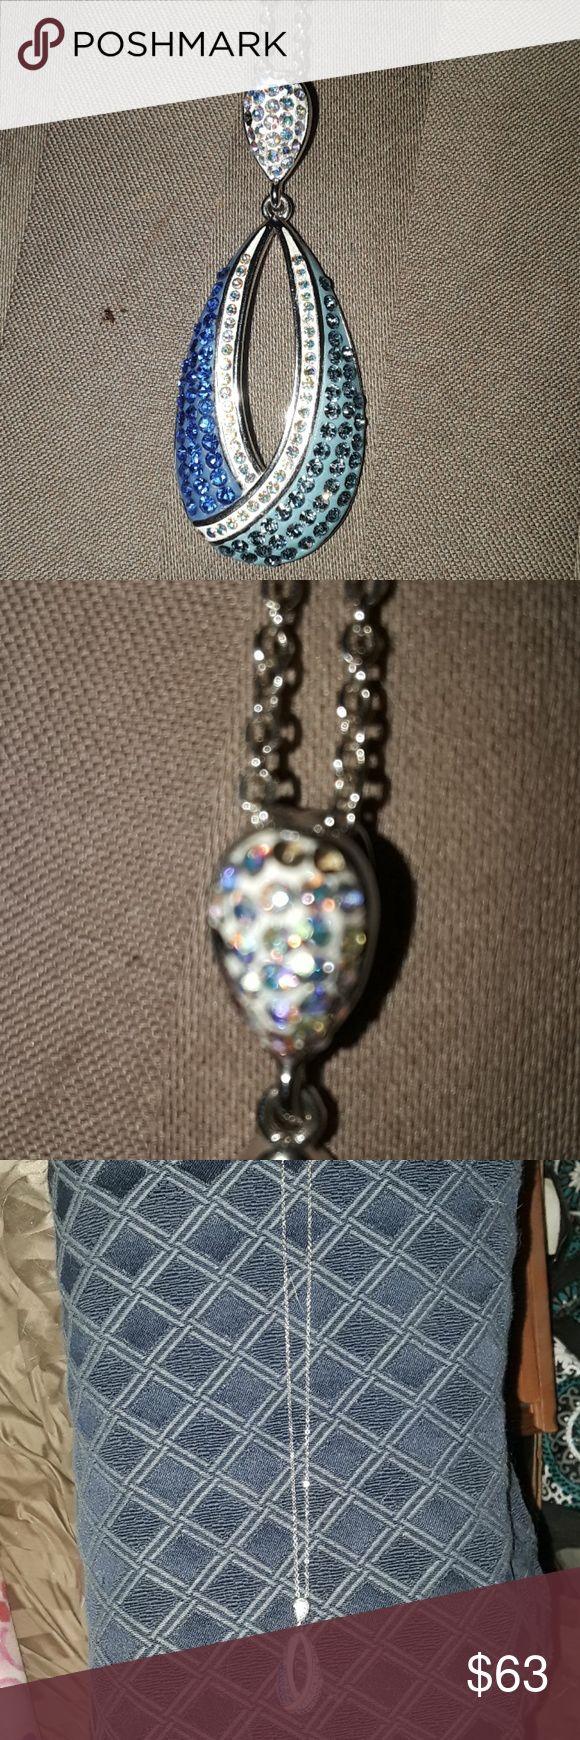 Bradford Exchange Necklace | Bradford exchange jewelry ...